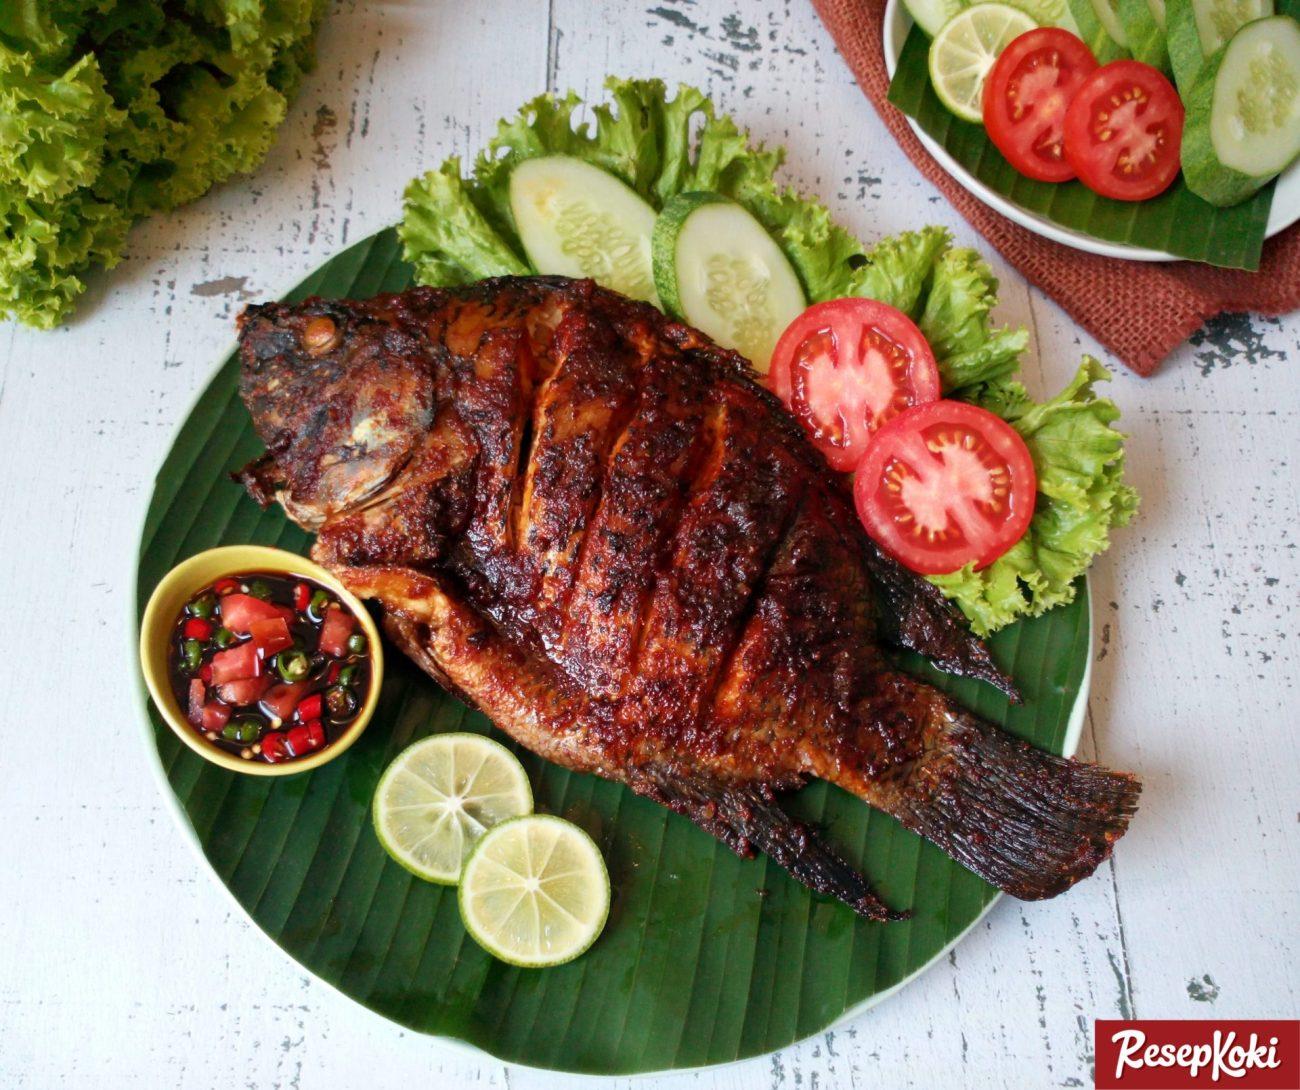 Ikan Bakar Anda Lebih Legit, Lembut, dan Berbumbu dengan 5 Tips Ini